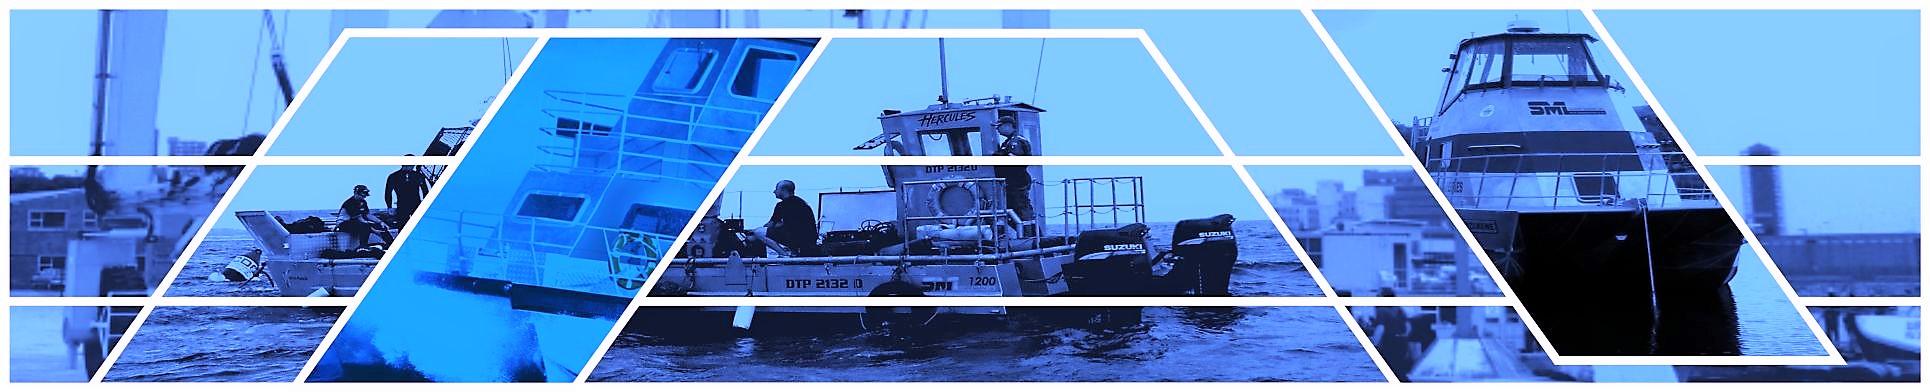 2016-oftp-marine-banner-main-b